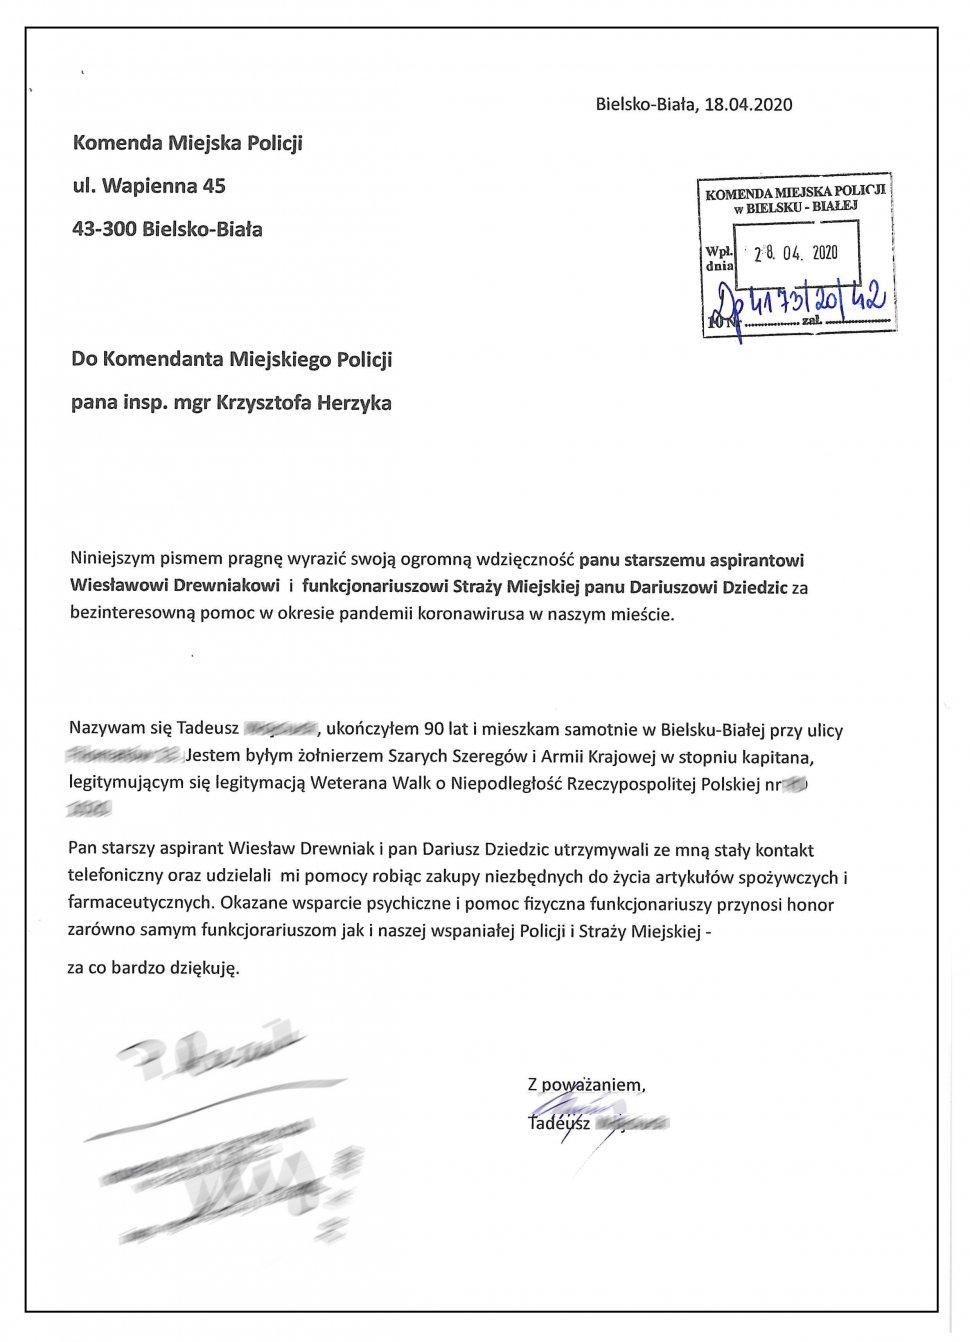 Podziękowania dla bielskiego policjanta od weterana Armii Krajowej